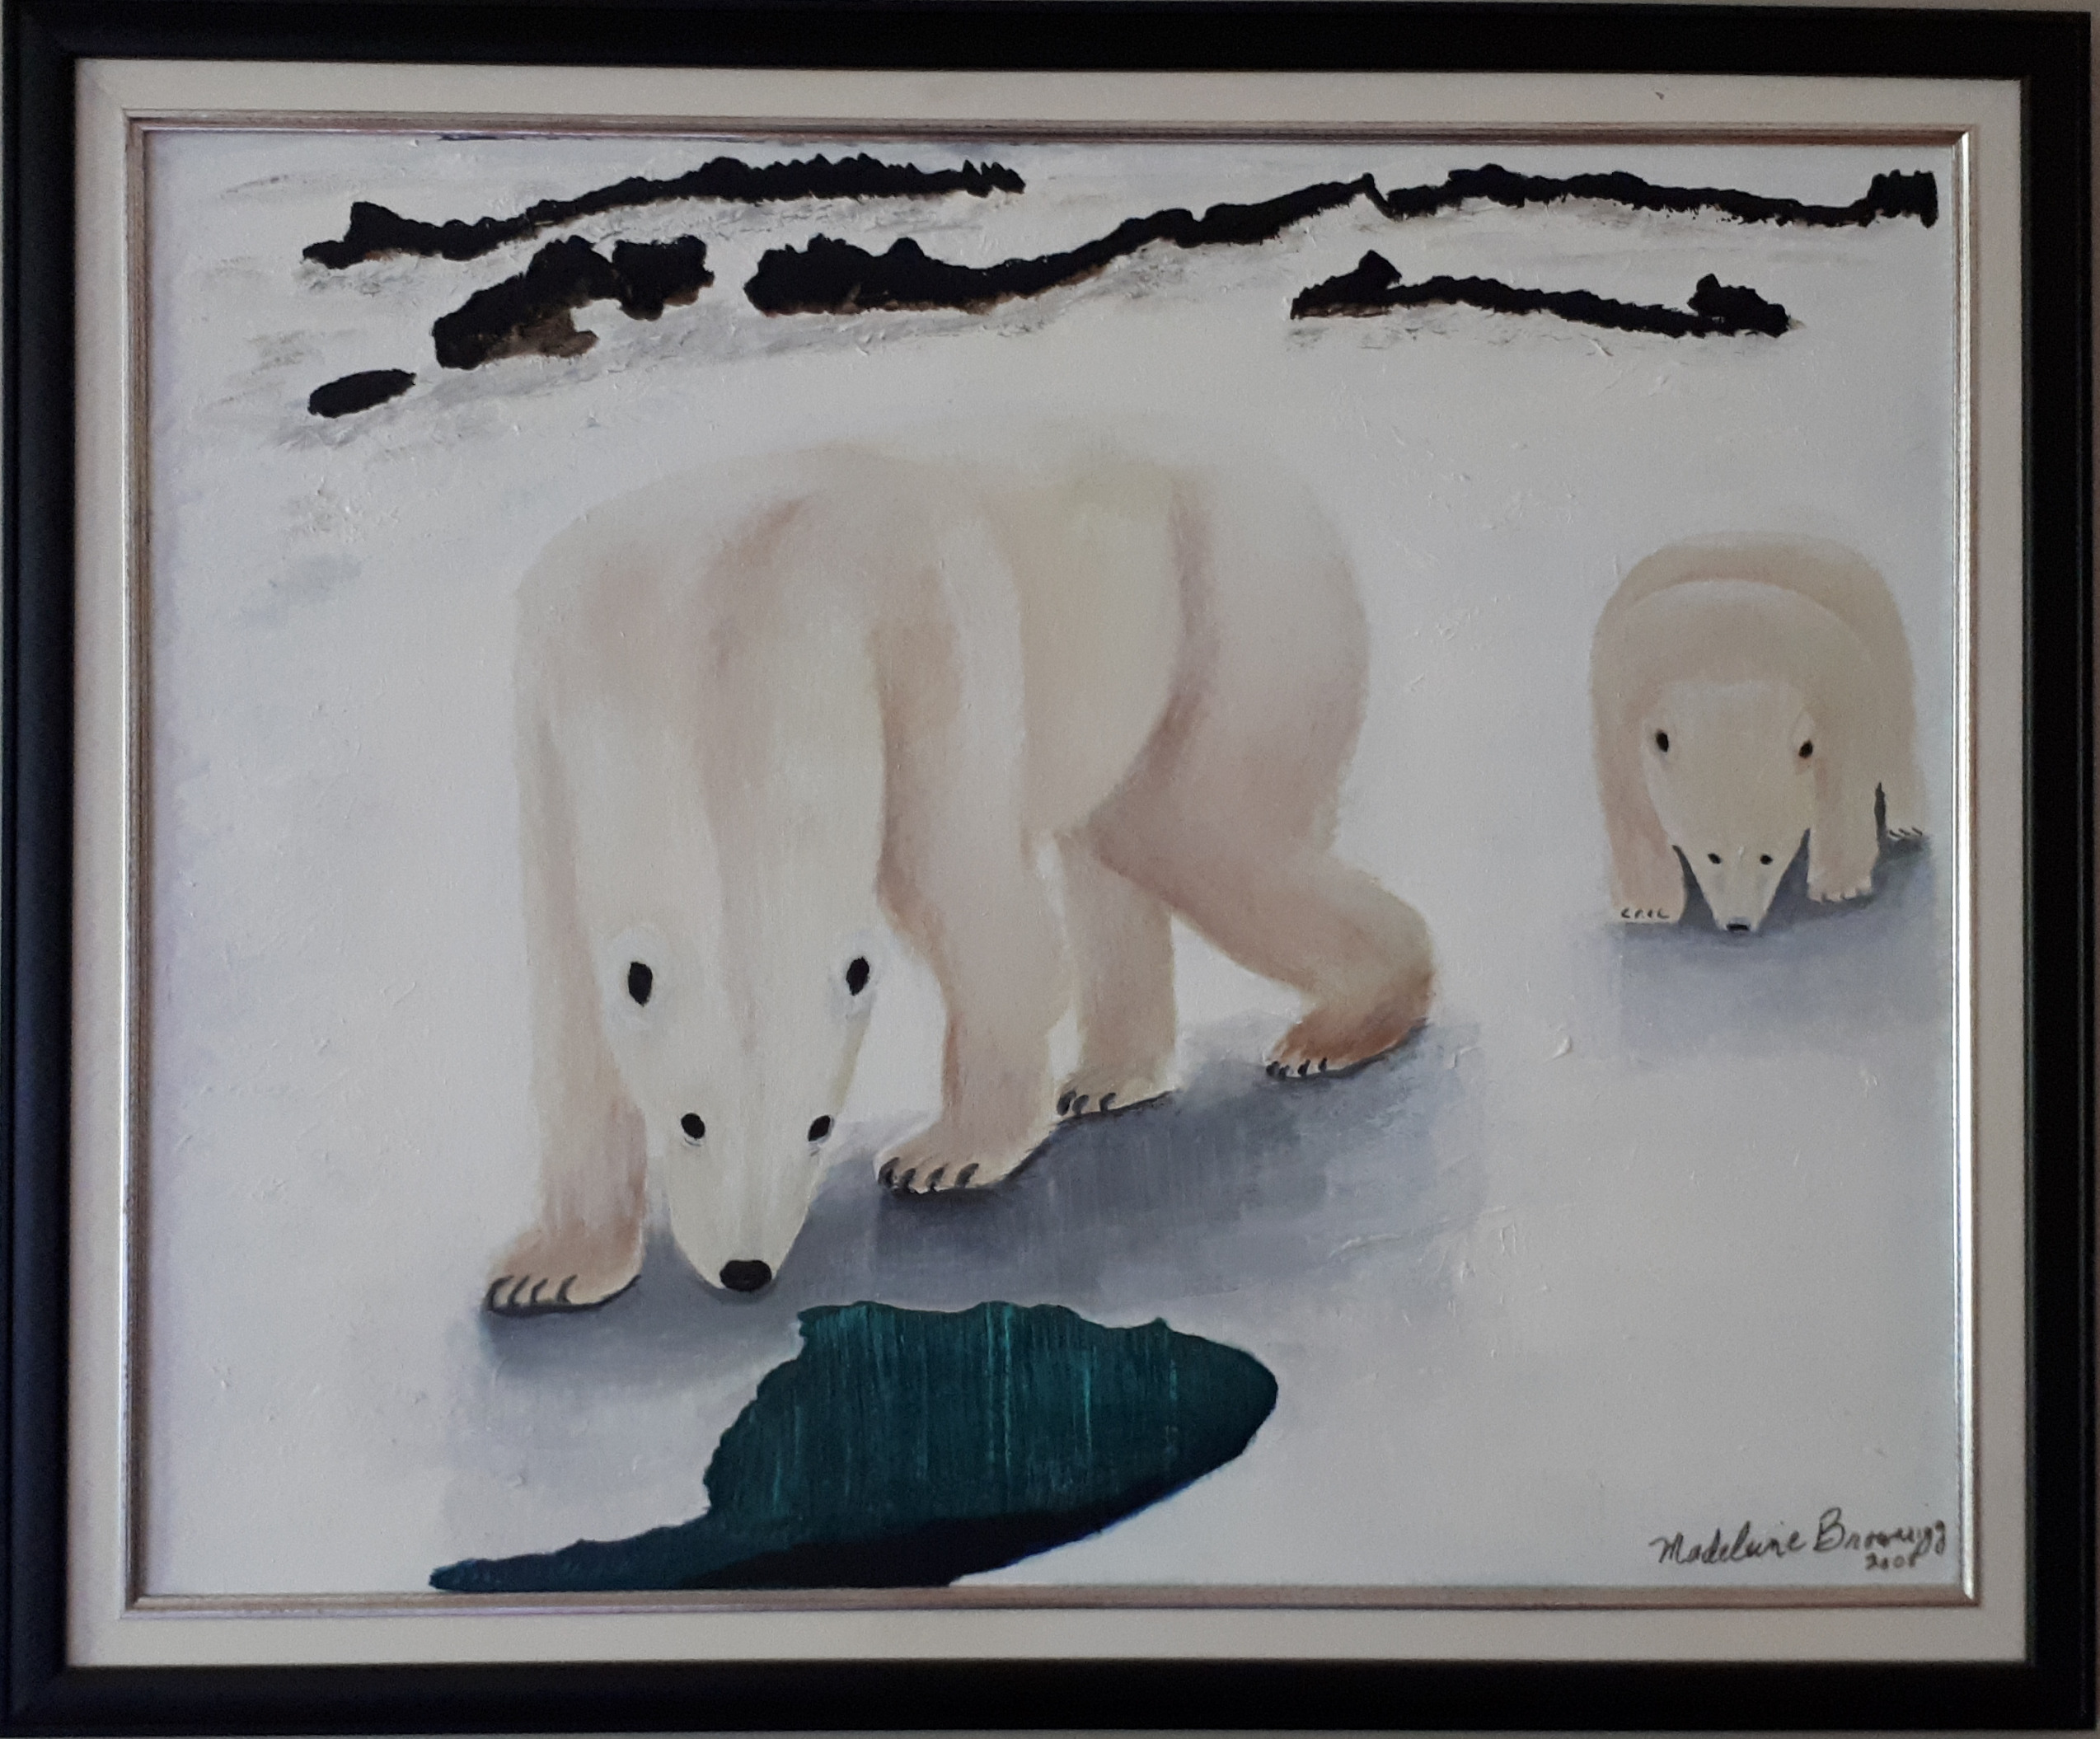 Polar Bears Endangered artwork by Madeleine Brownrigg - art listed for sale on Artplode